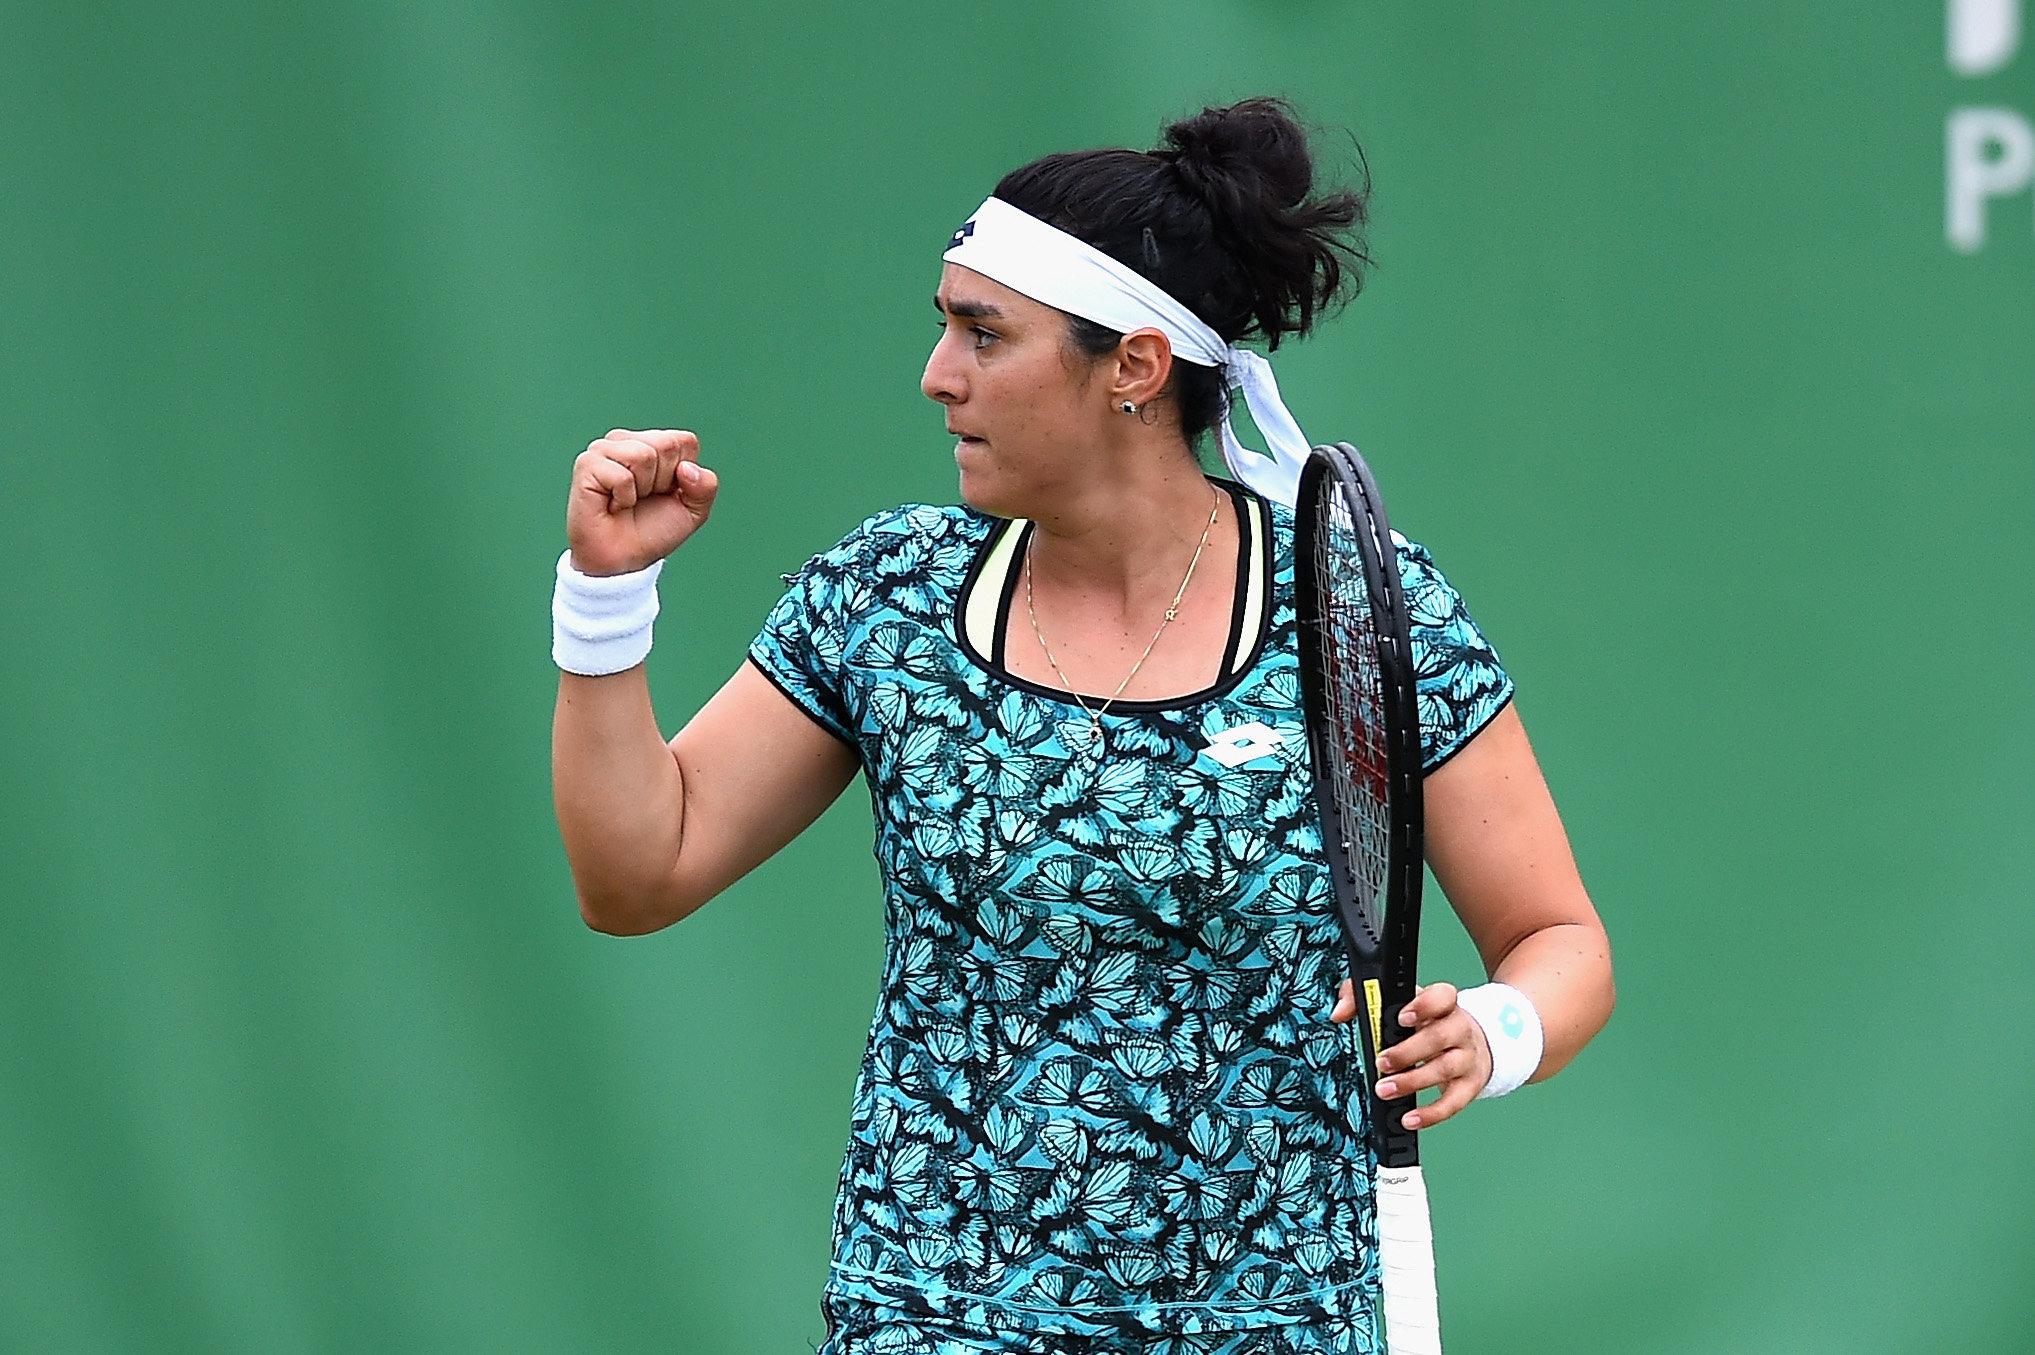 Ons Jabeur élimine la numéro 8 mondial au tournoi WTA de